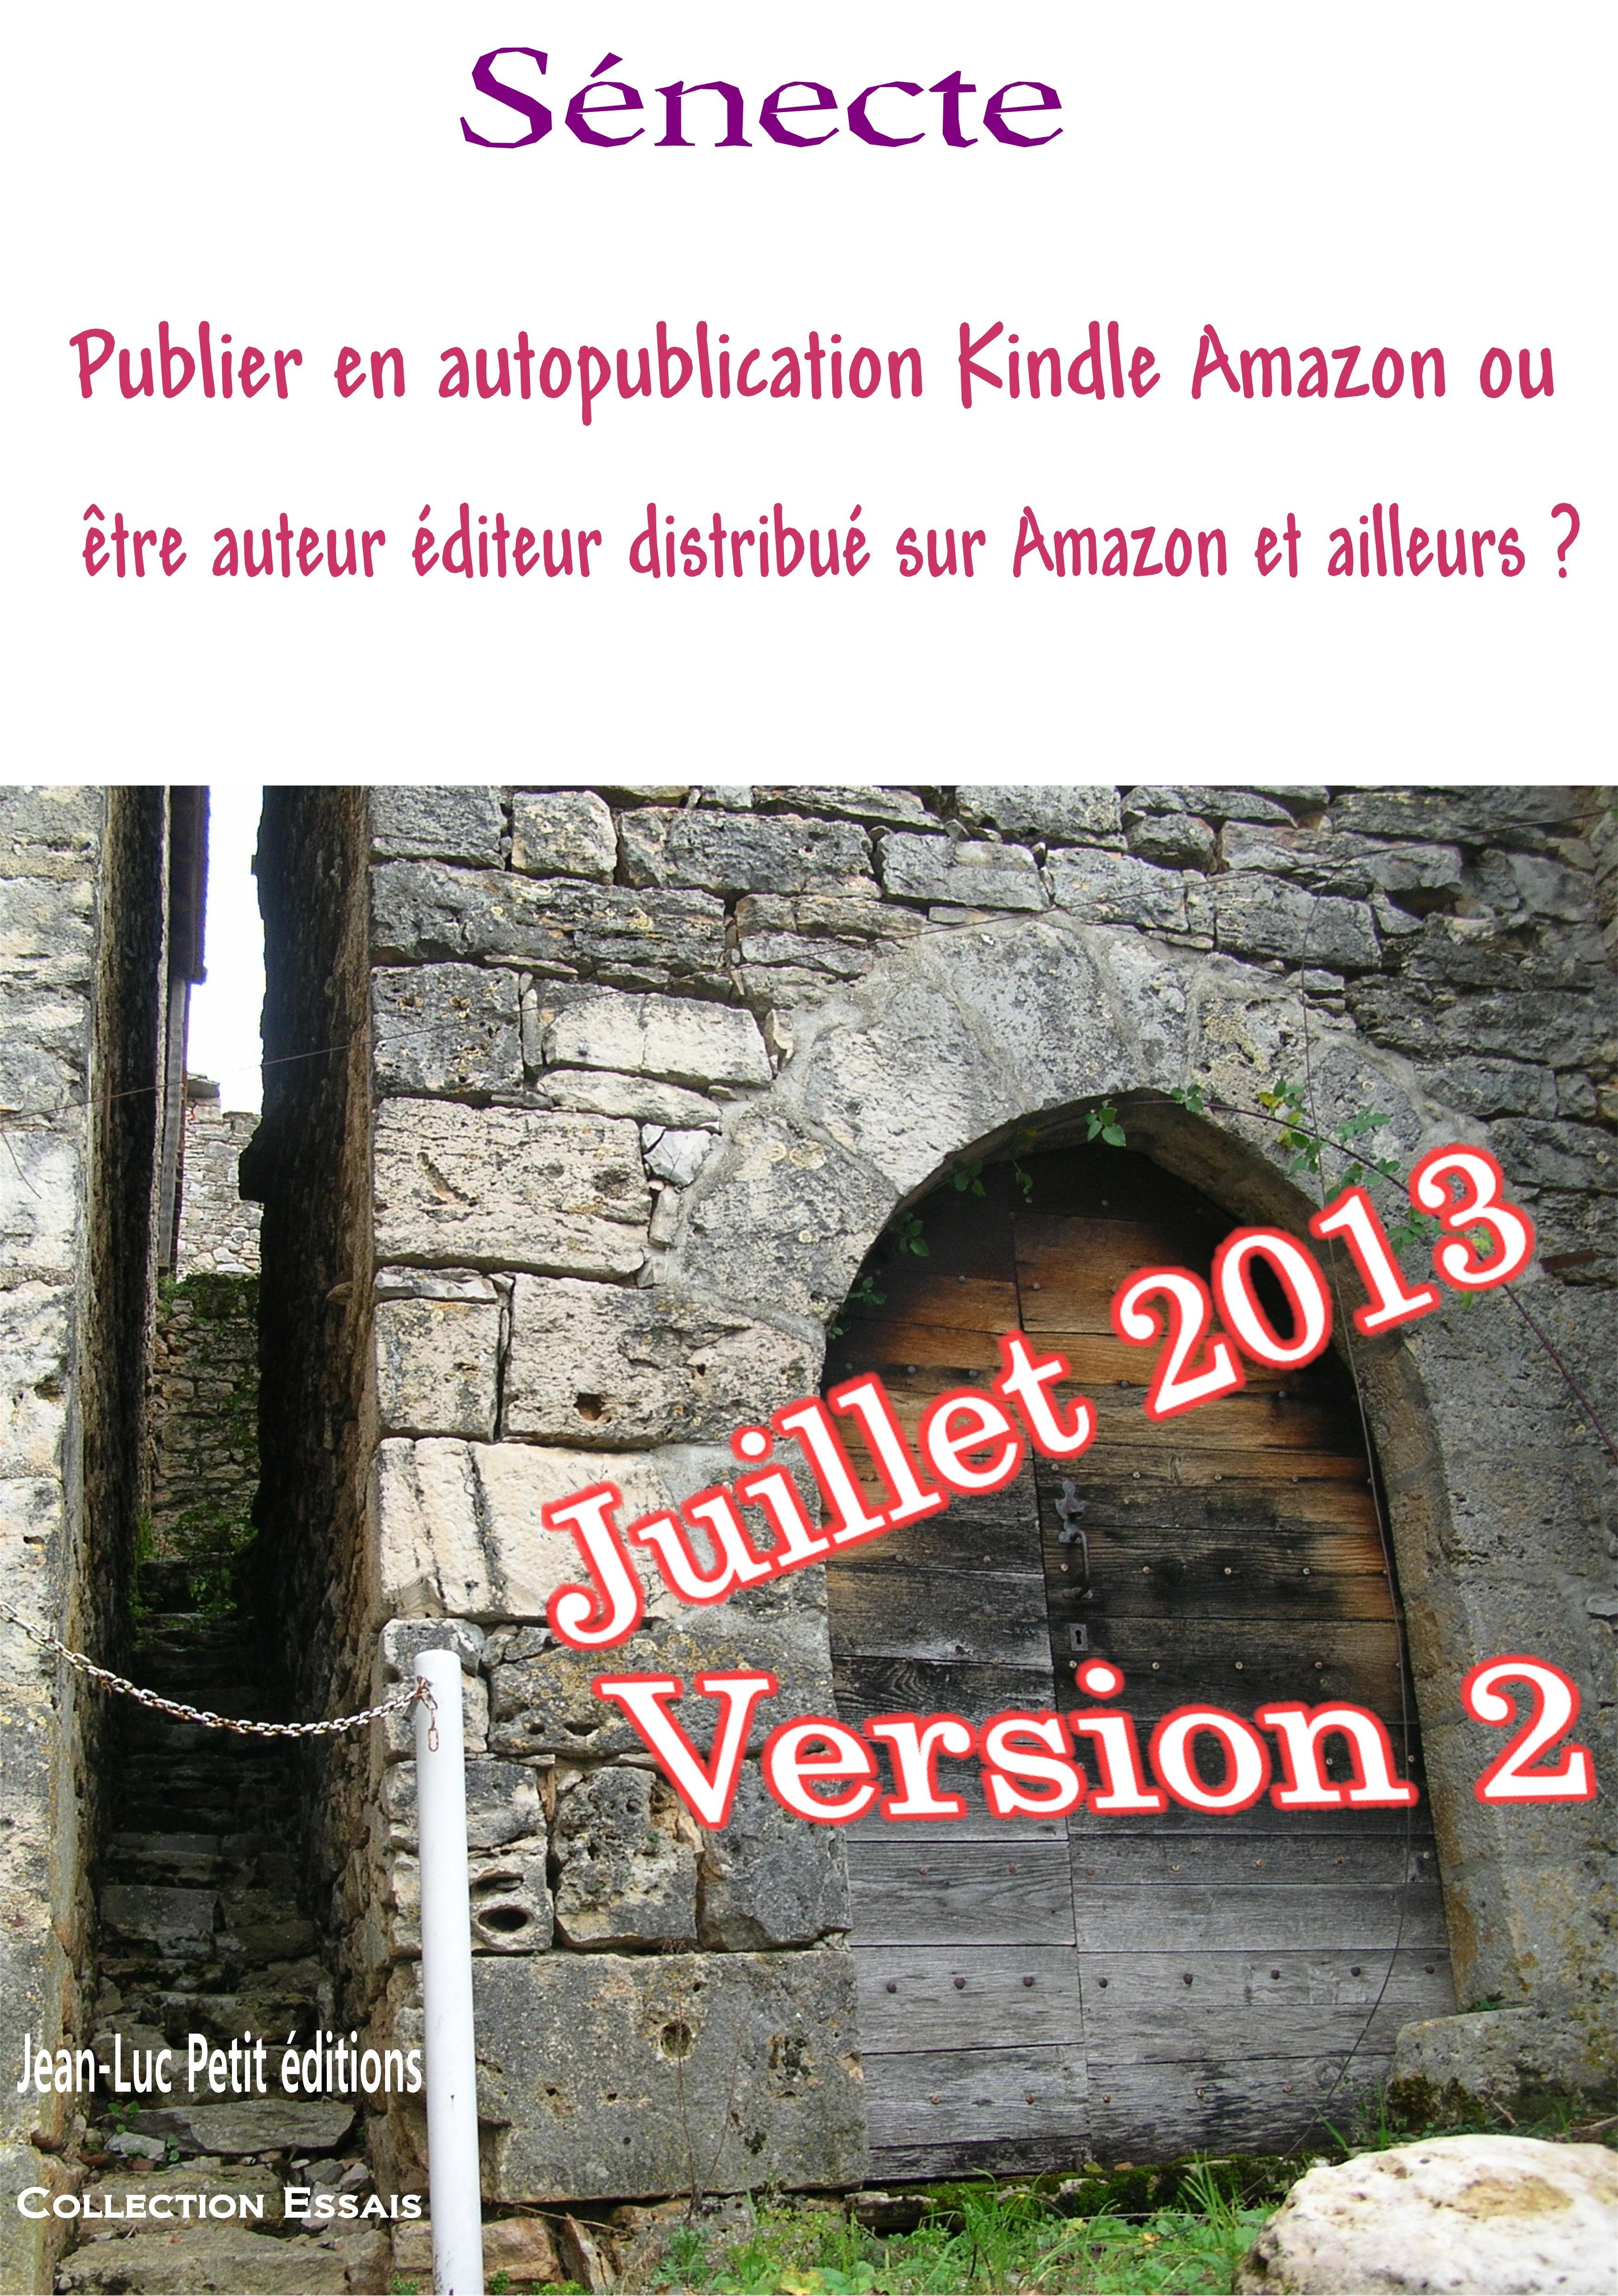 Publier en autopublication Kindle Amazon ou être auteur éditeur distribué sur Amazon et ailleurs ?